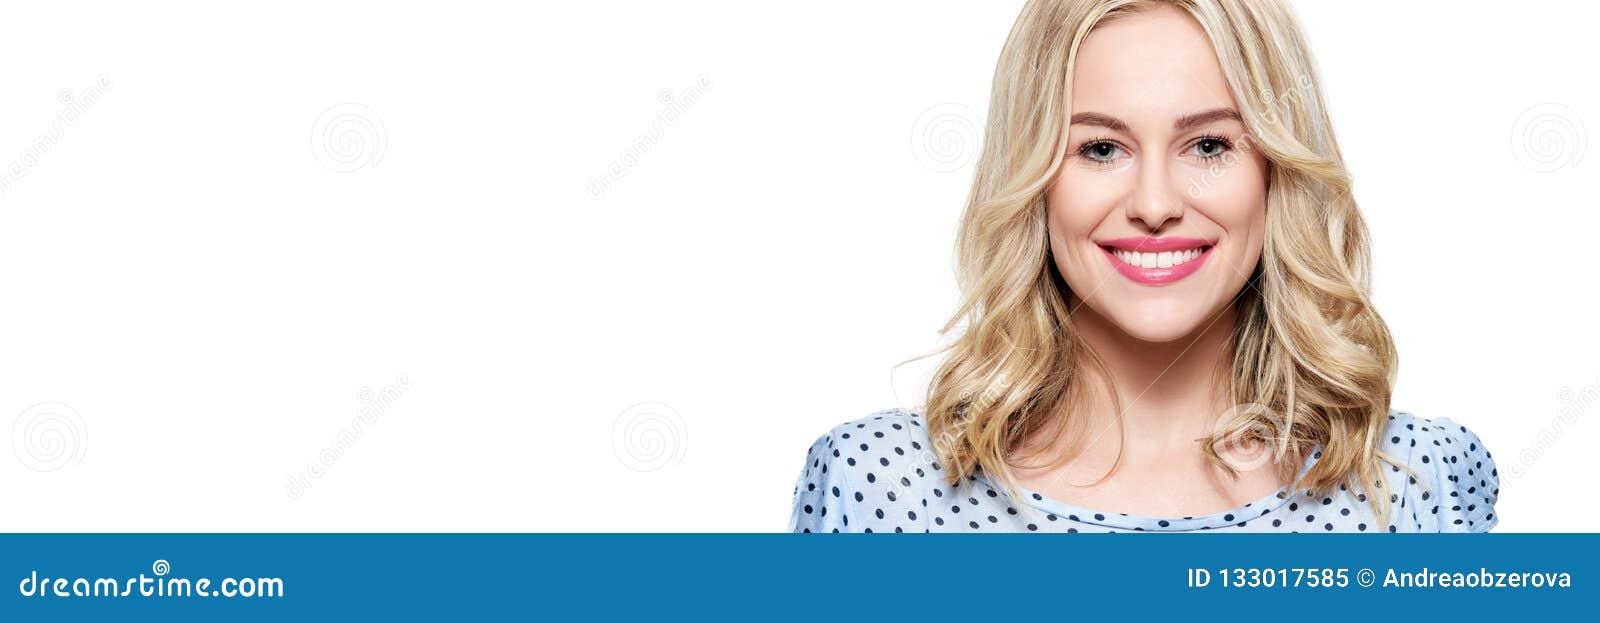 Härlig ung blond le kvinna med ren hud, naturligt smink och perfekta vita tänder som isoleras över vit bakgrund